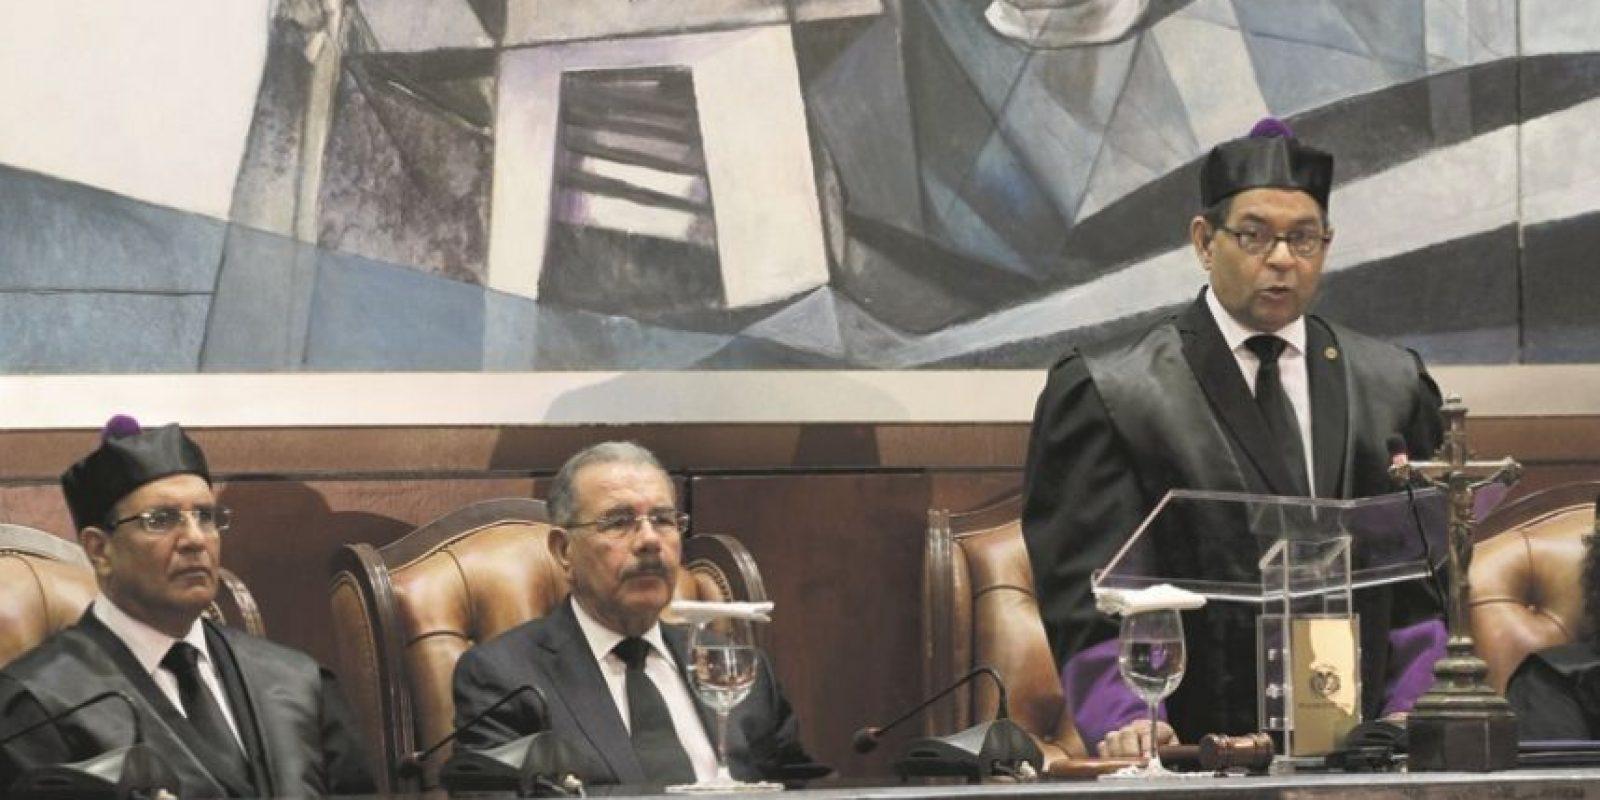 El acto cumbre tuvo lugar en la Sala Augusta de la Suprema Corte de Justicia, con el discurso de Mariano Germán. Foto:Roberto Guzmán